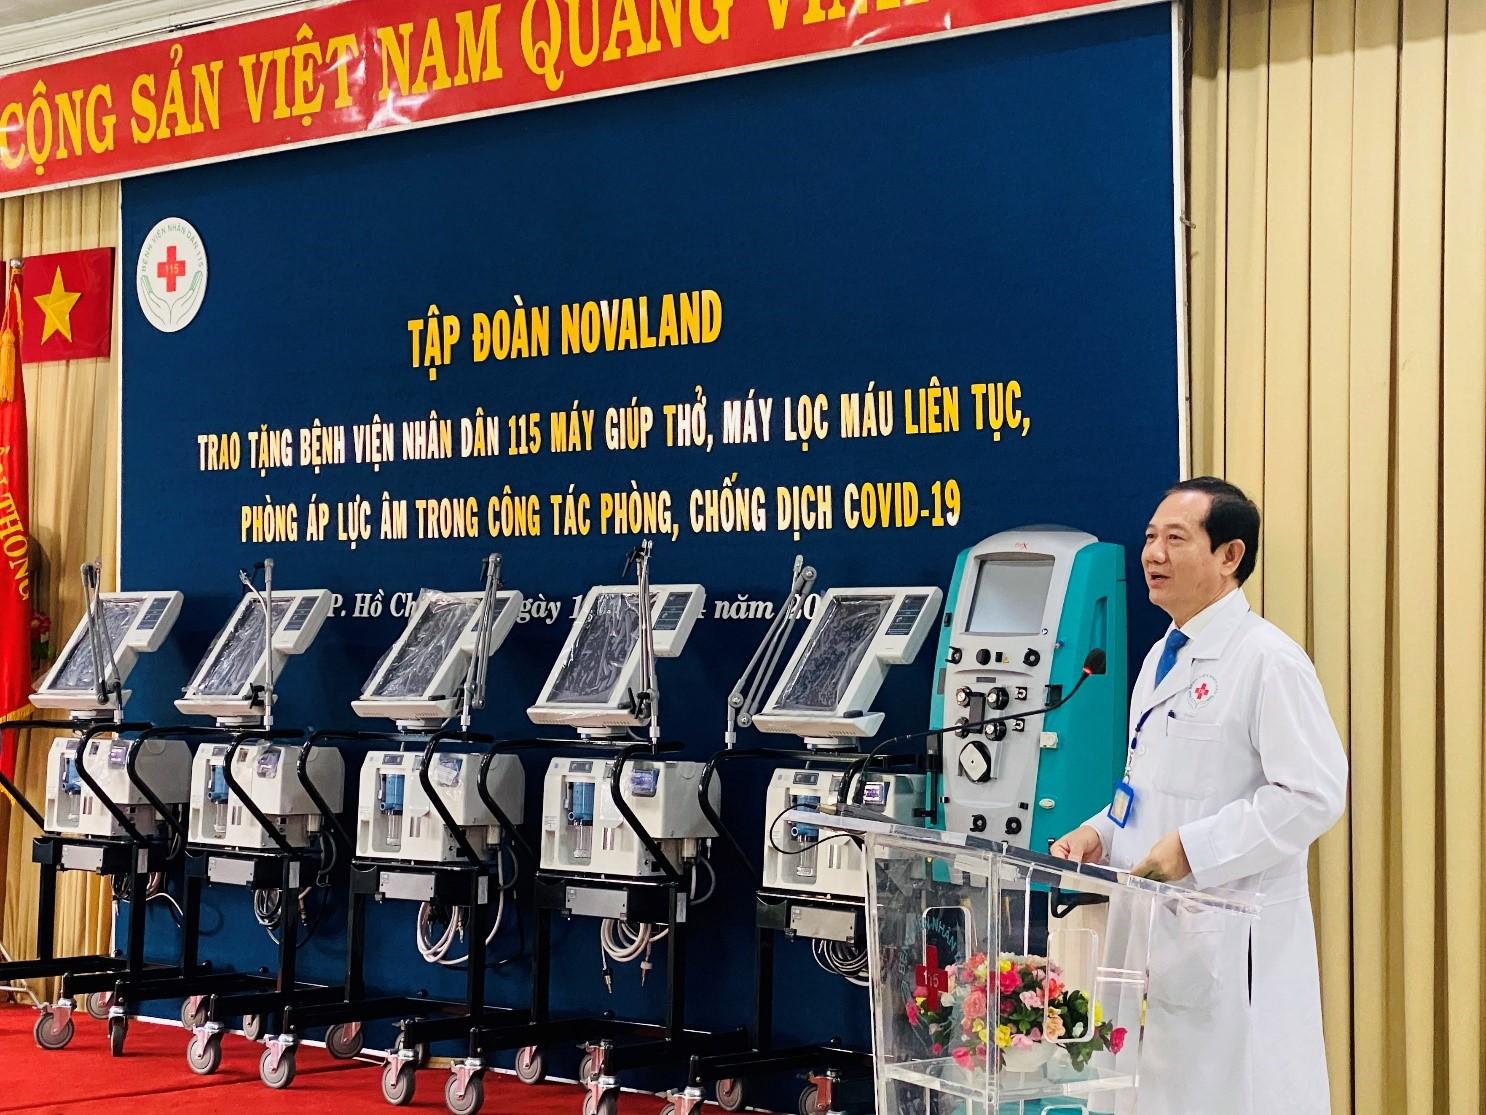 Novaland trao tặng trang thiết bị y tế trị giá 10 tỉ đồng tại Bệnh viện Nhân dân 115 - Ảnh 1.